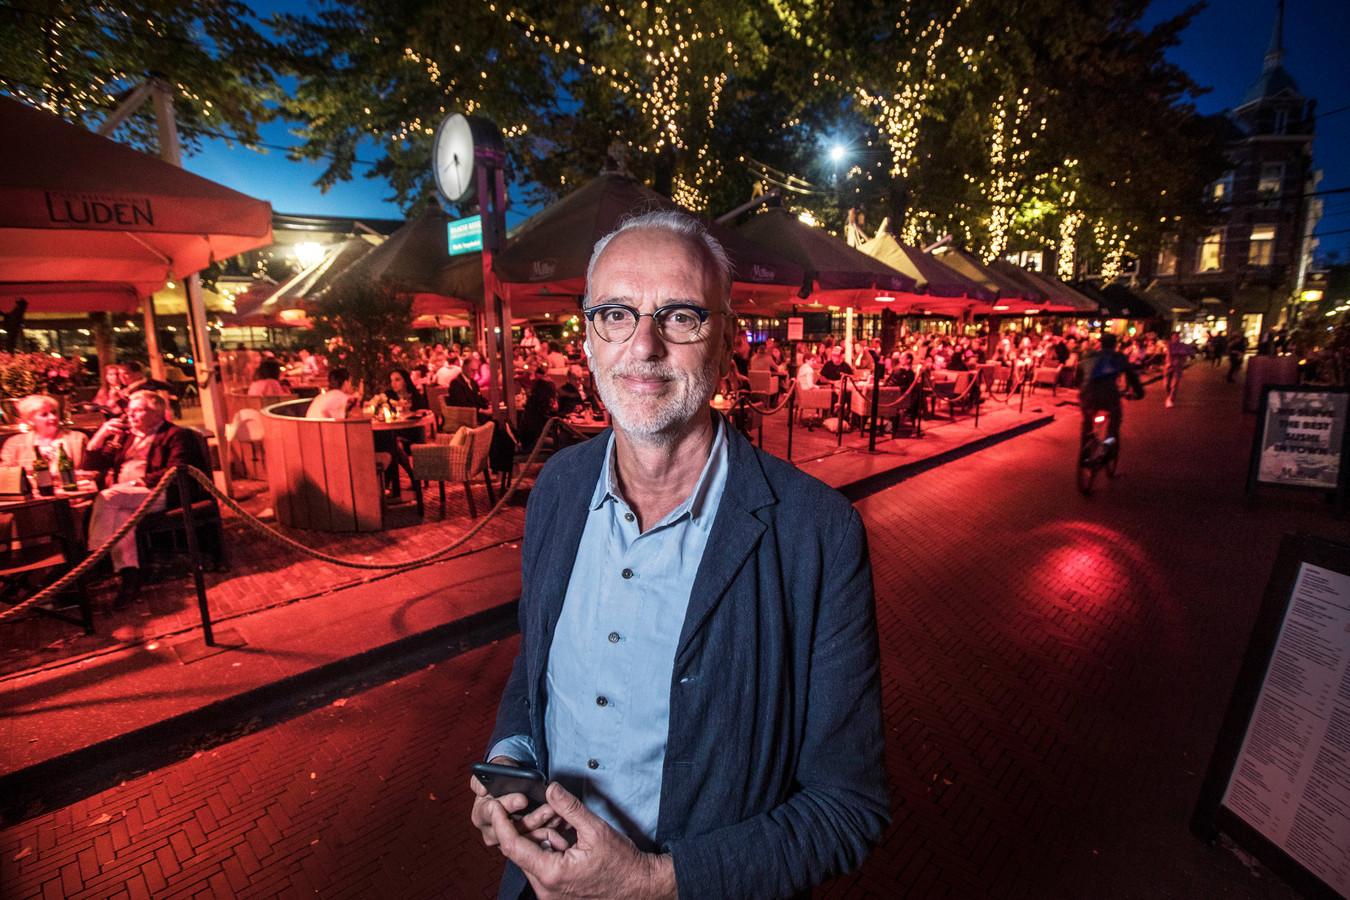 Maarten Hinloopen op het Plein, in september toen de coronamaatregelen voor de horeca waren versoepeld. Sinds half oktober is de hele horeca weer dicht.